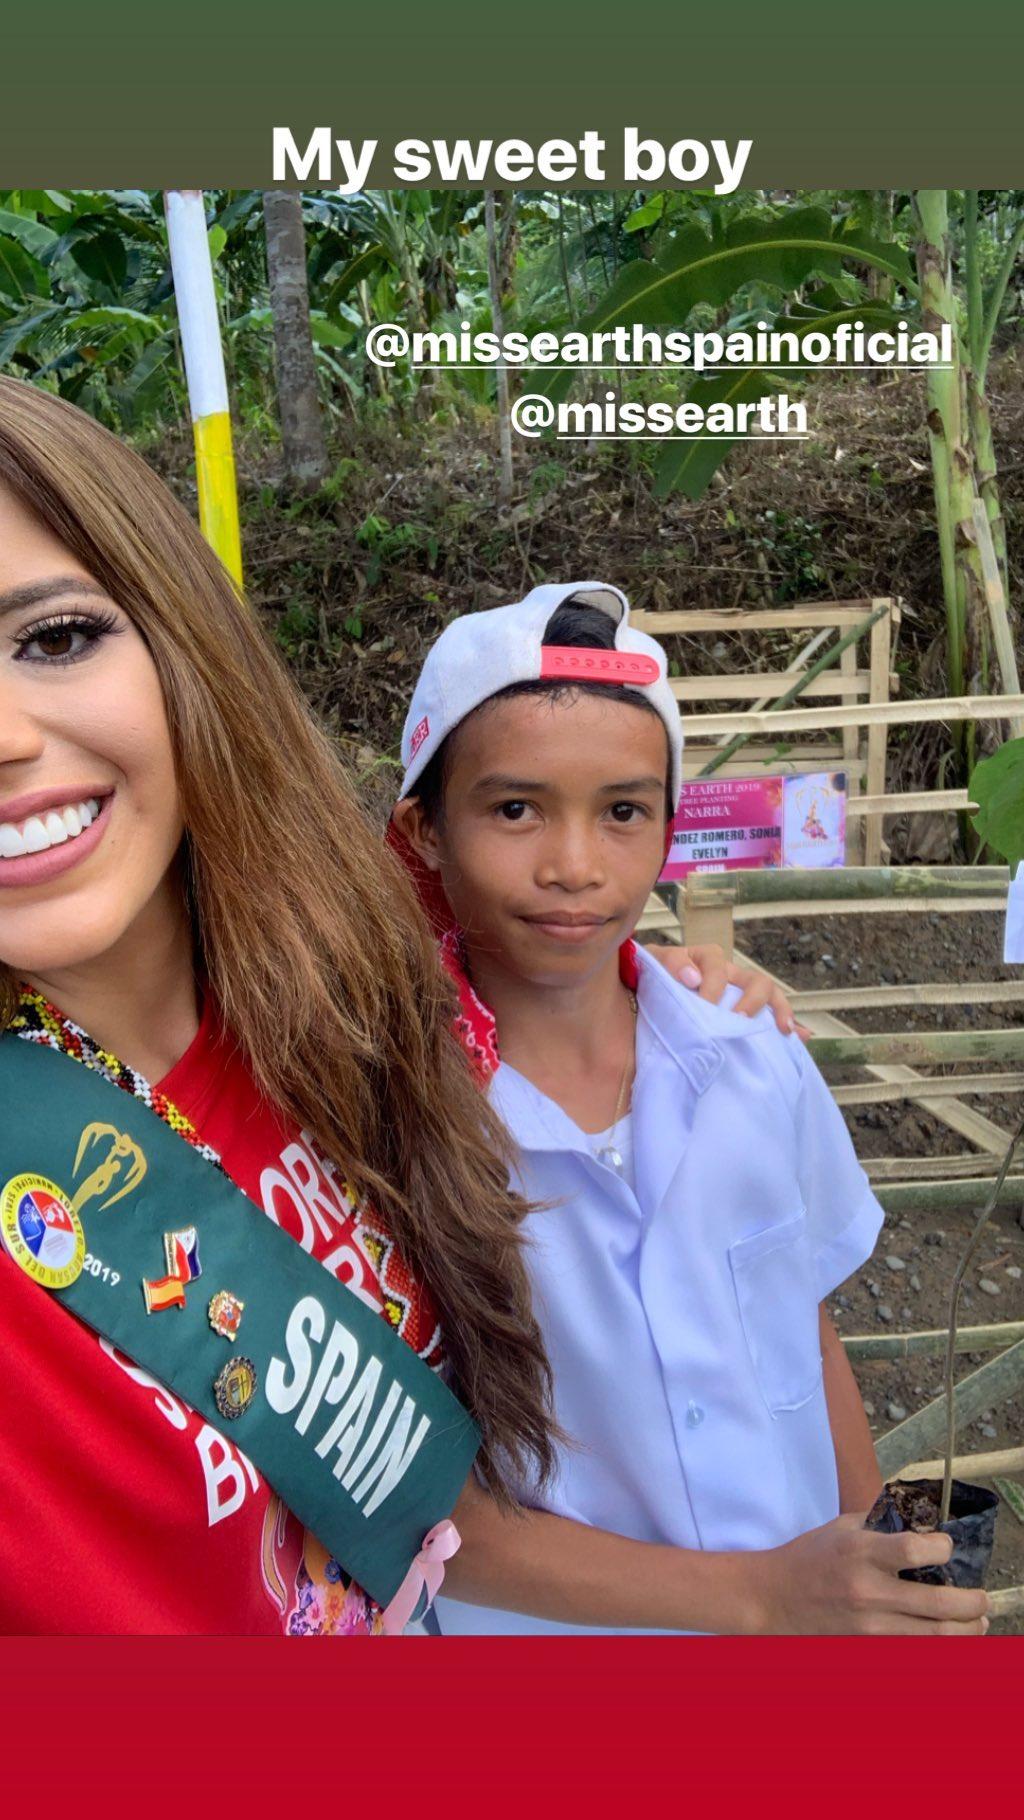 sonia hernandez, top 20 de miss earth 2019. - Página 2 70508611